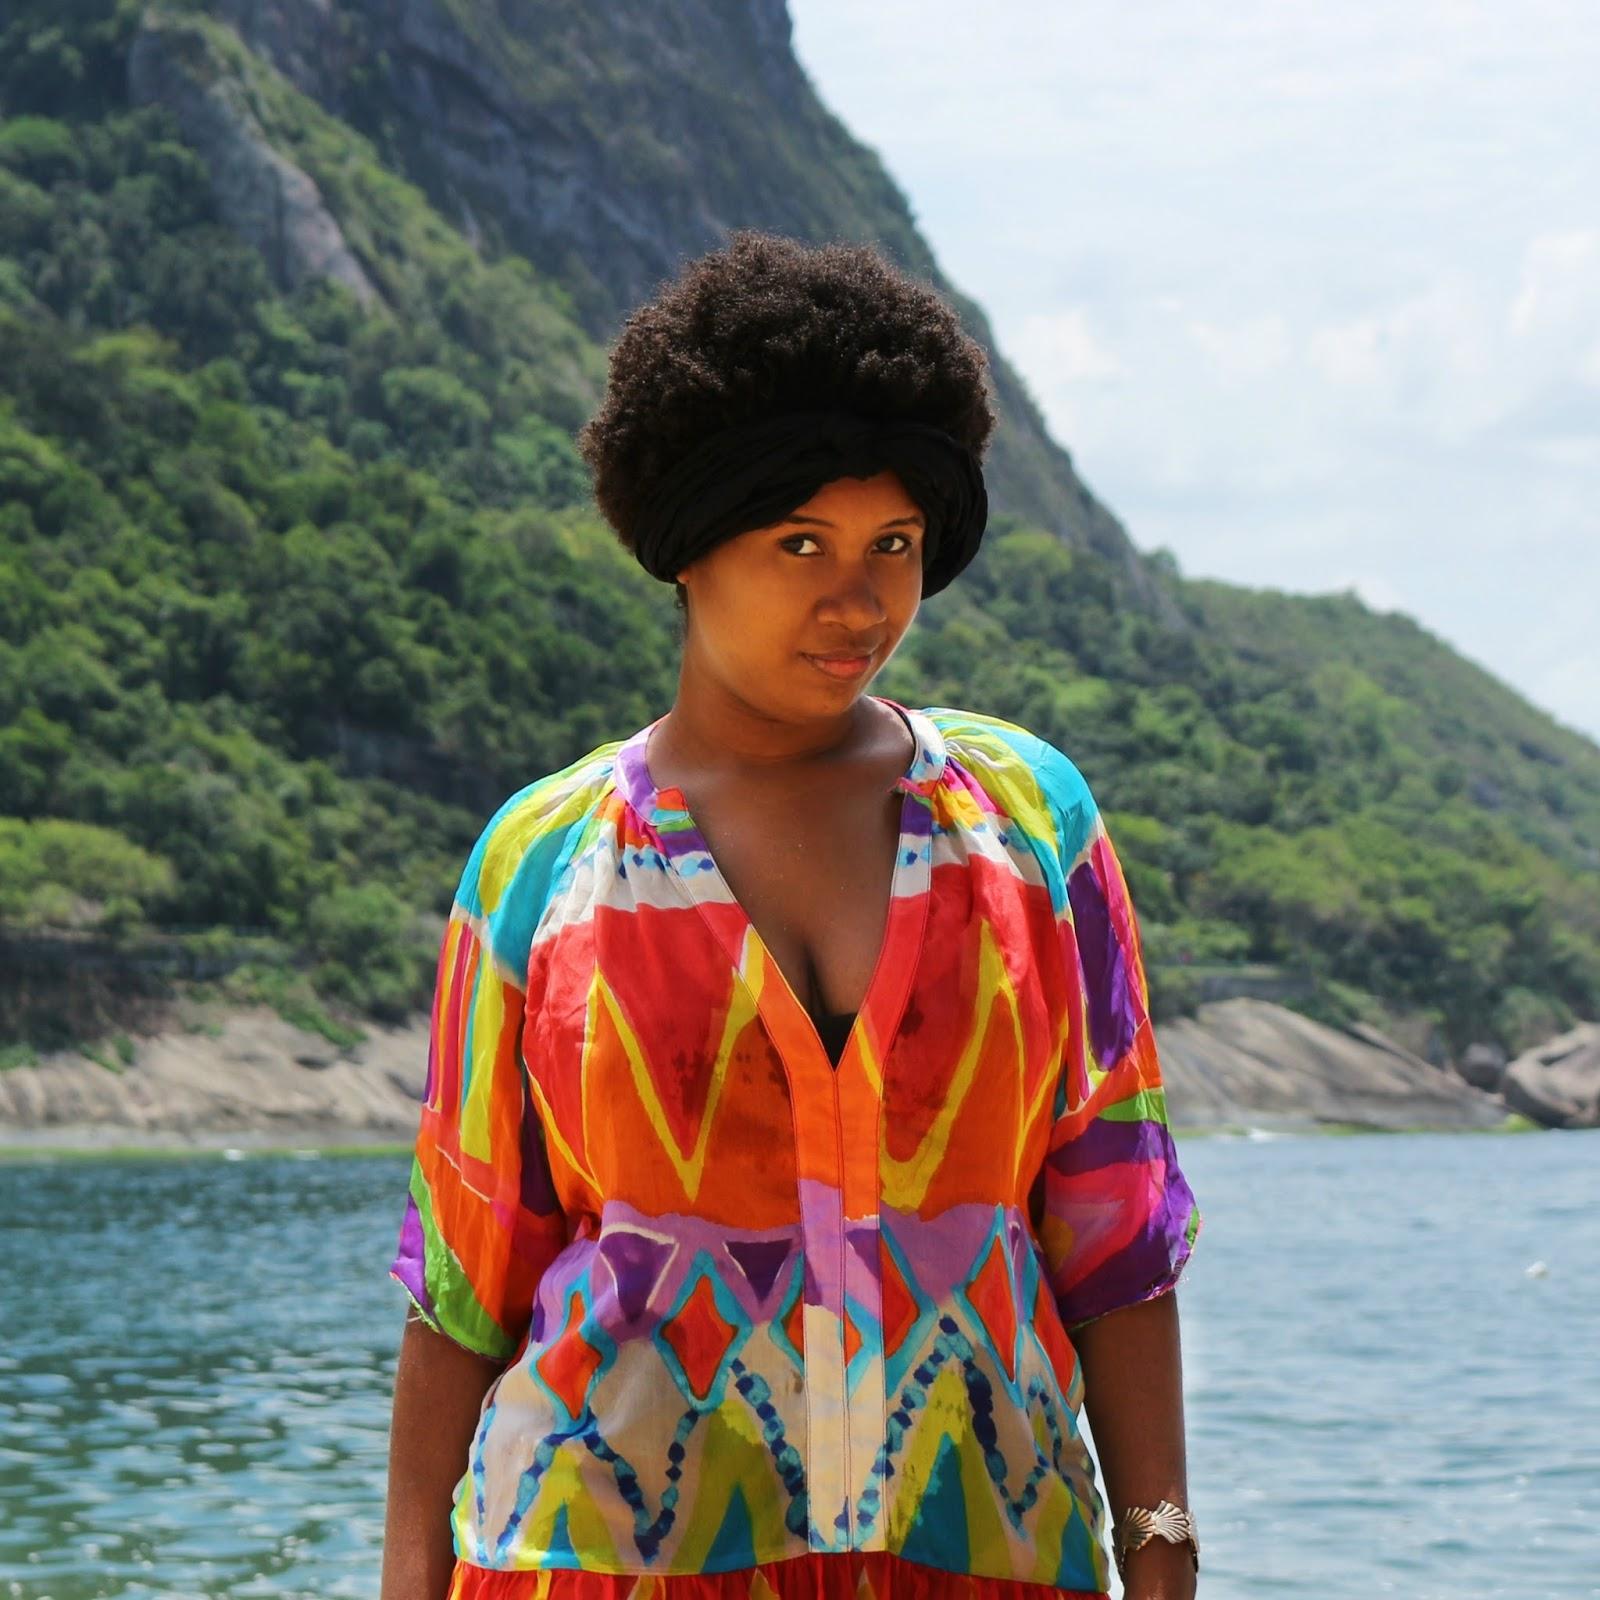 Mulher negra e de todas as cores - Aquela Garota da Foto